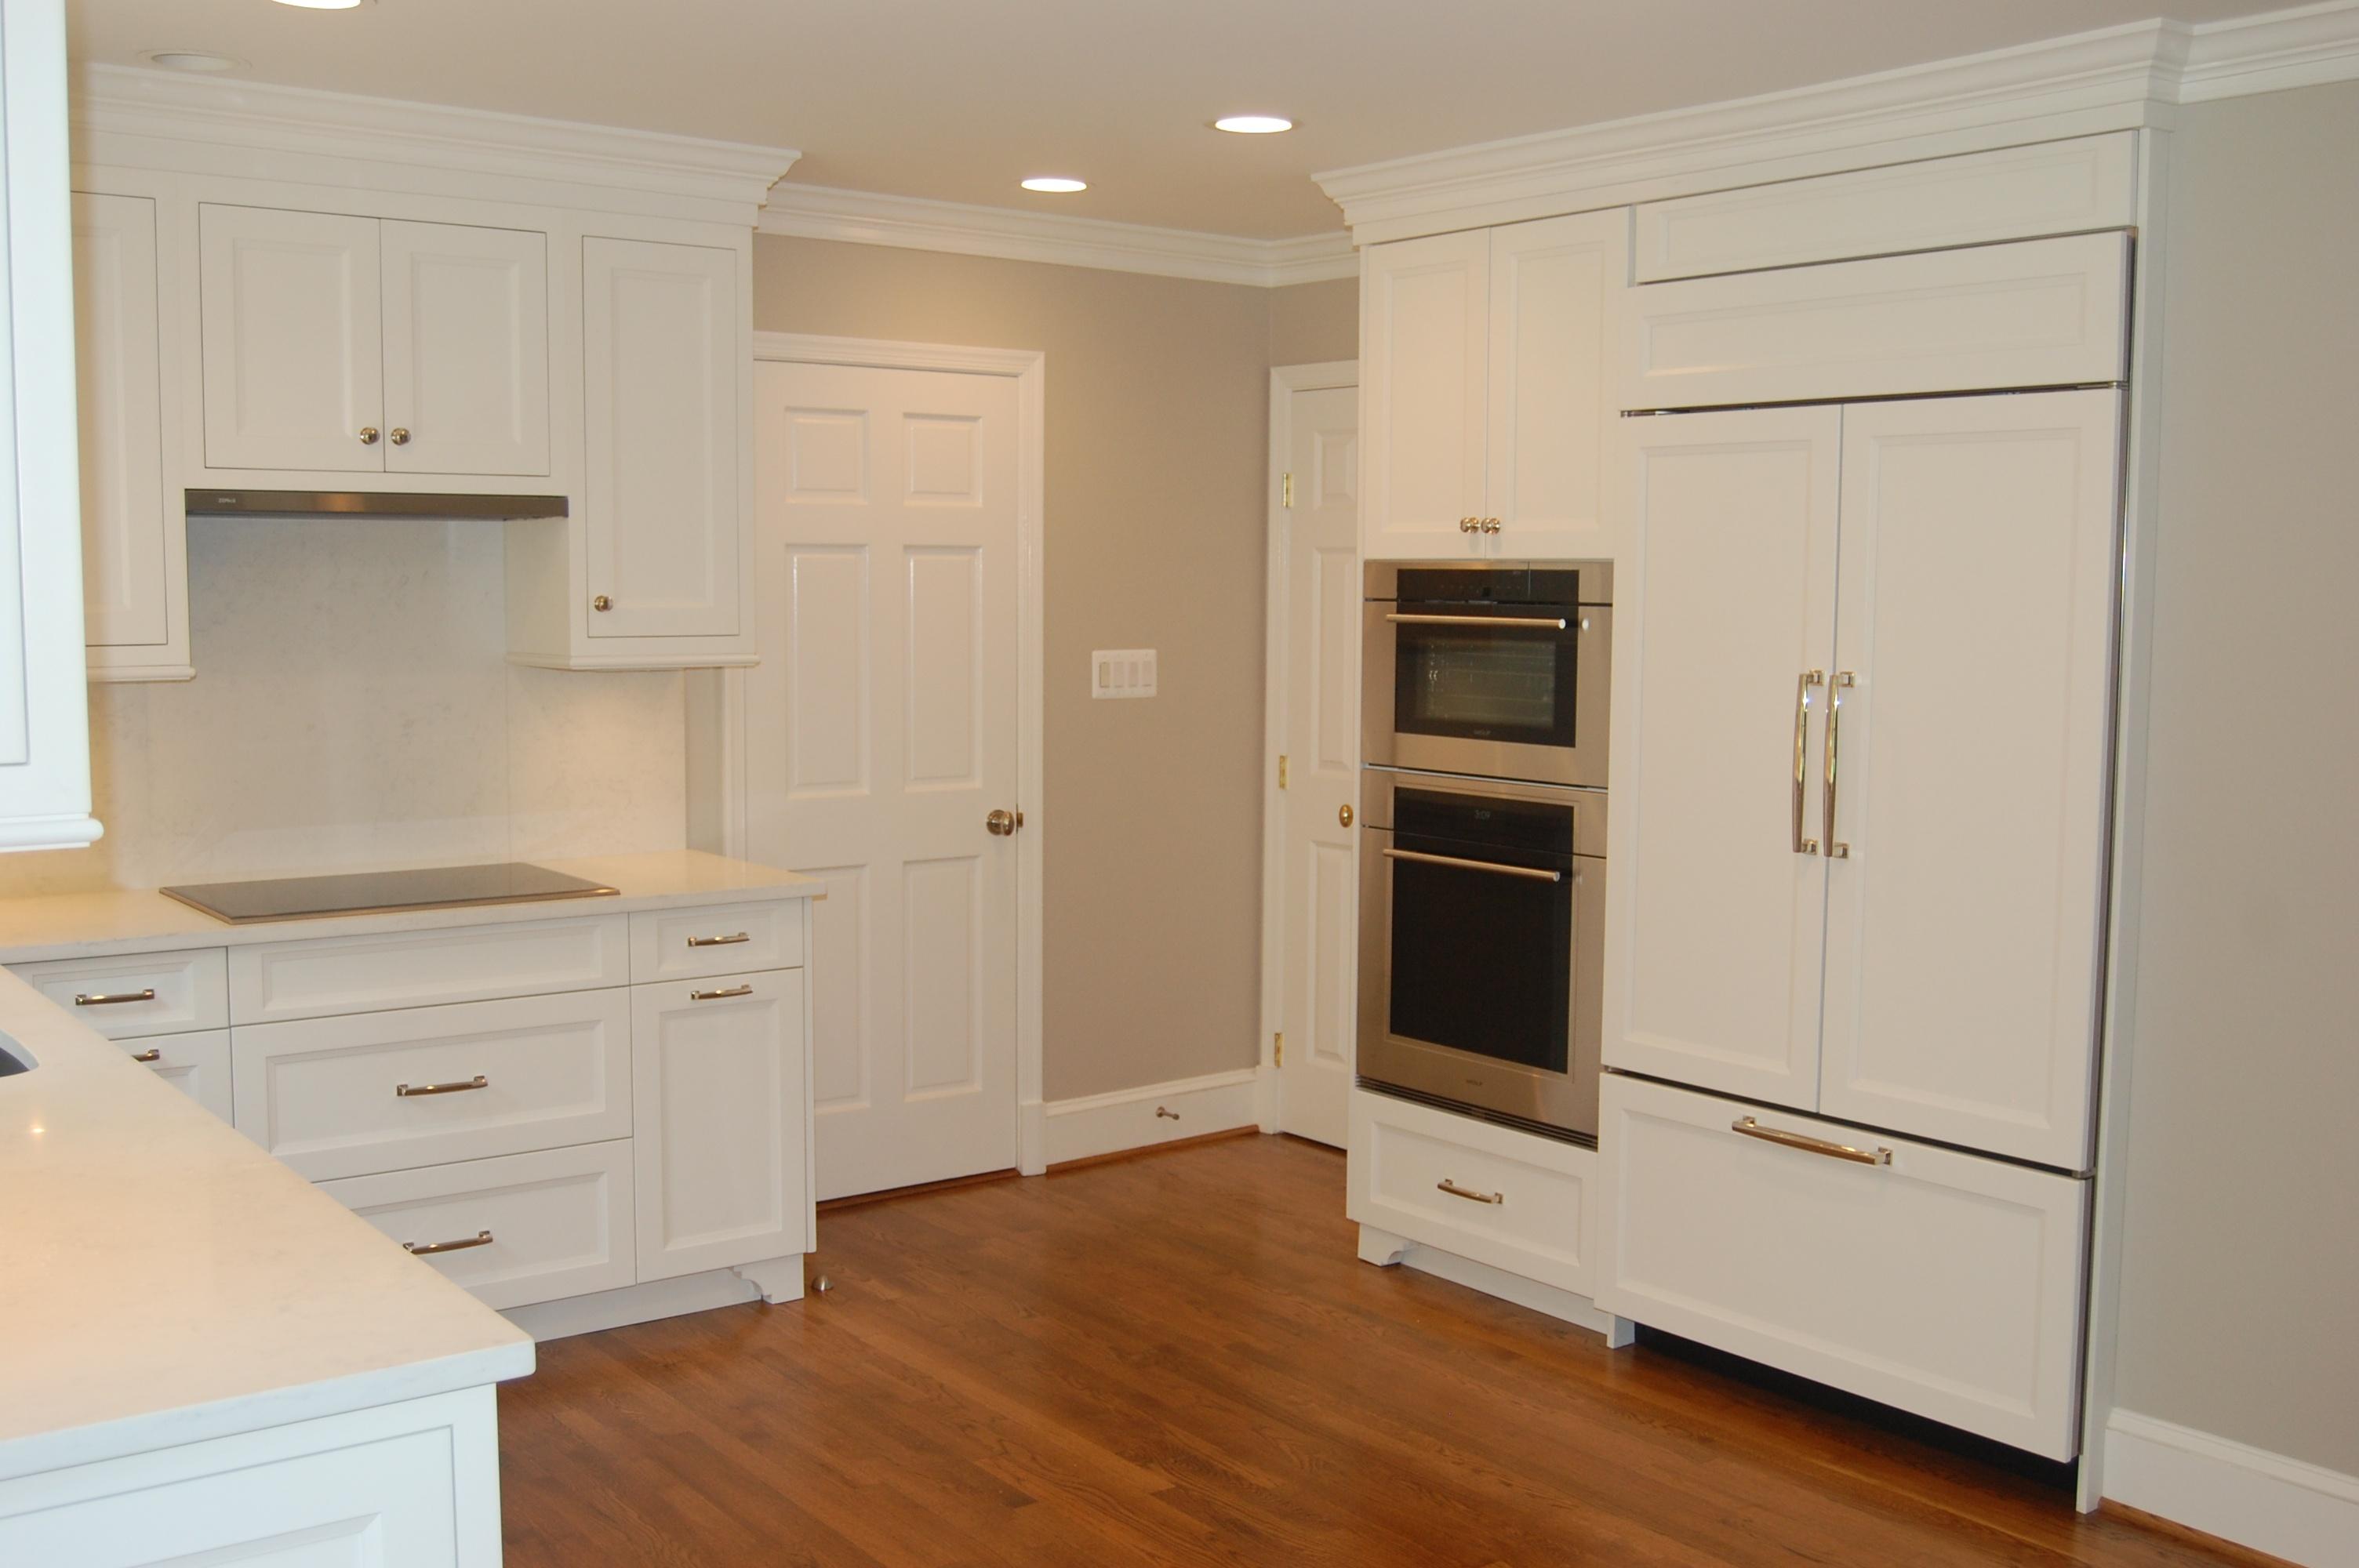 kitchen remodel after G